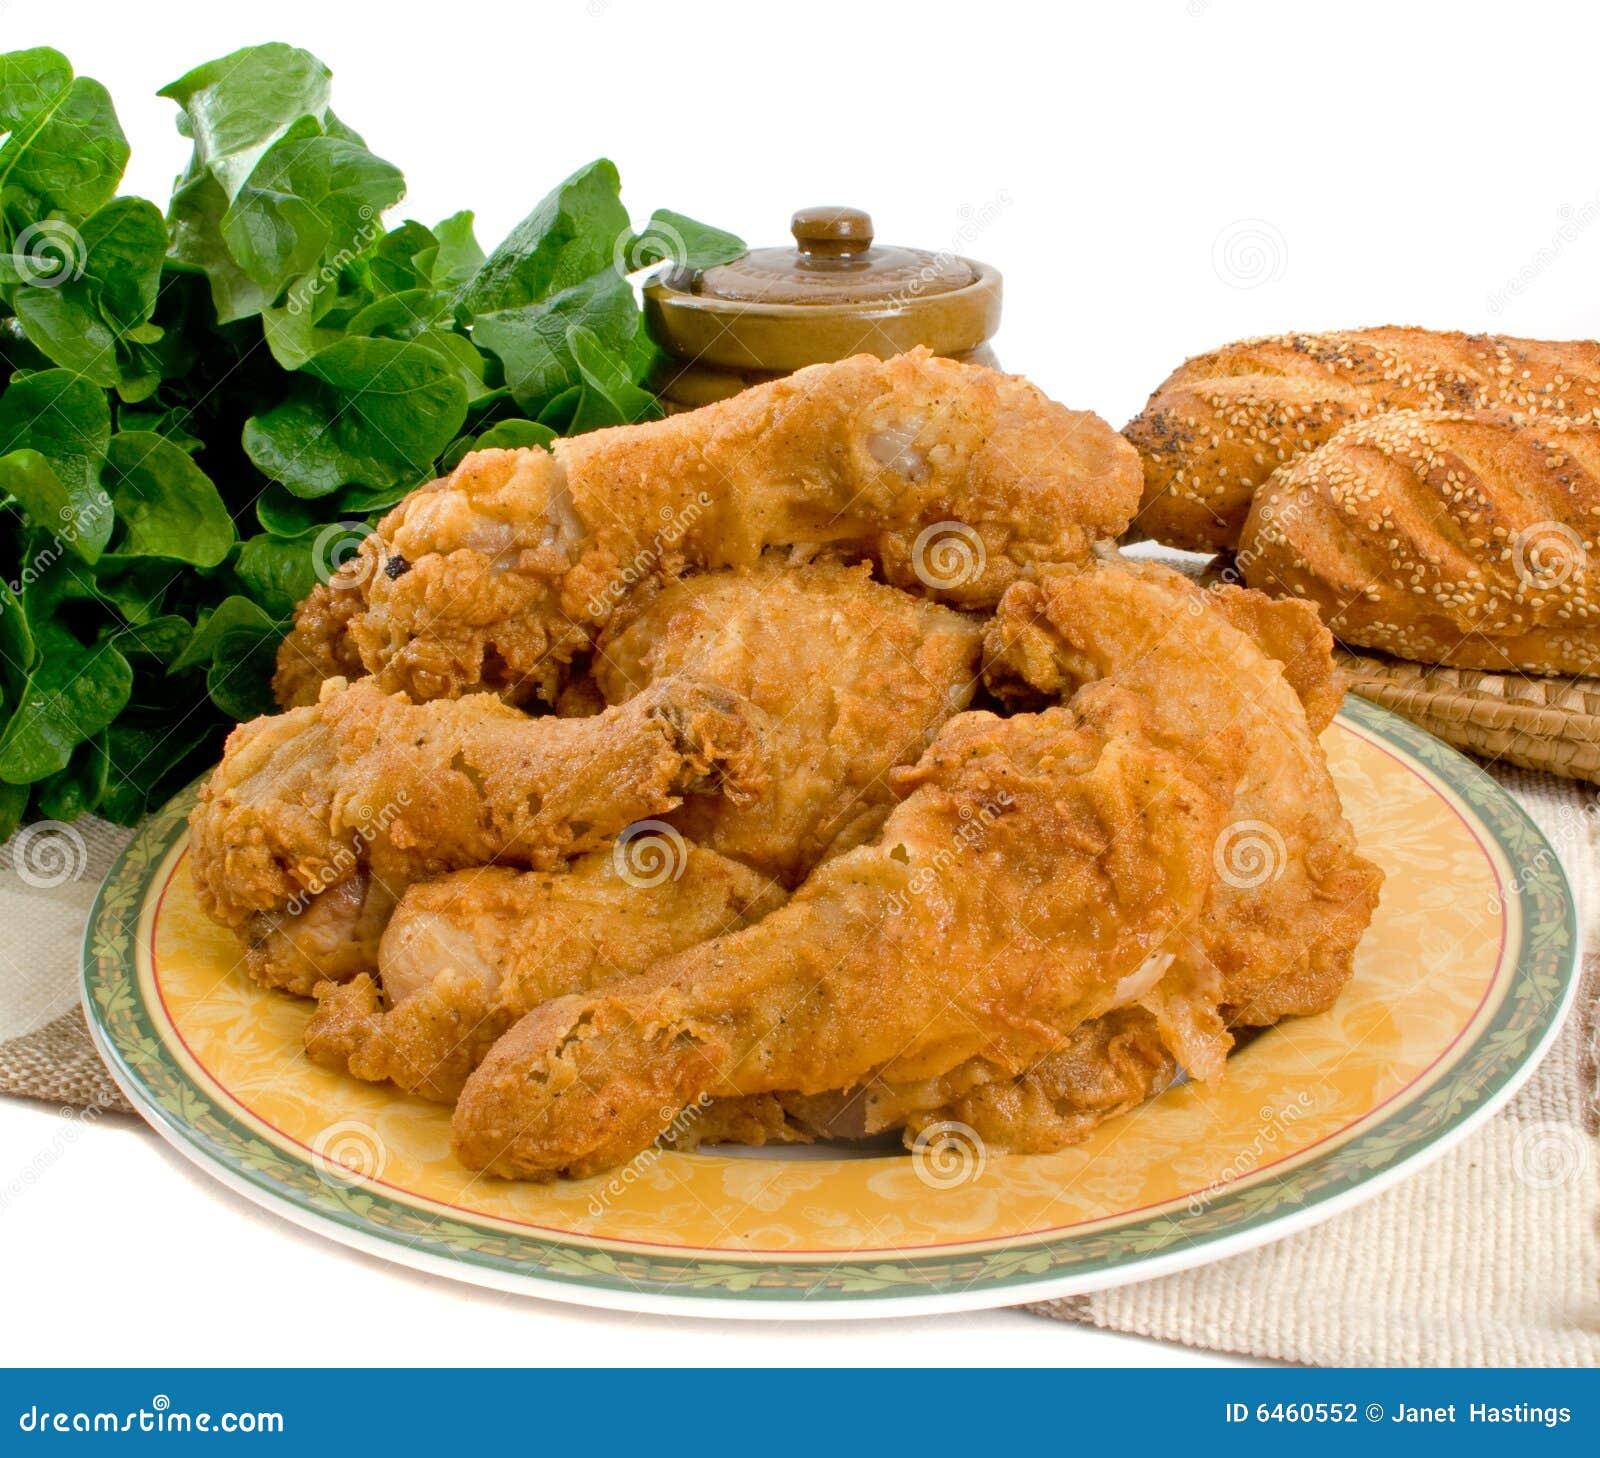 части зажаренные цыпленком